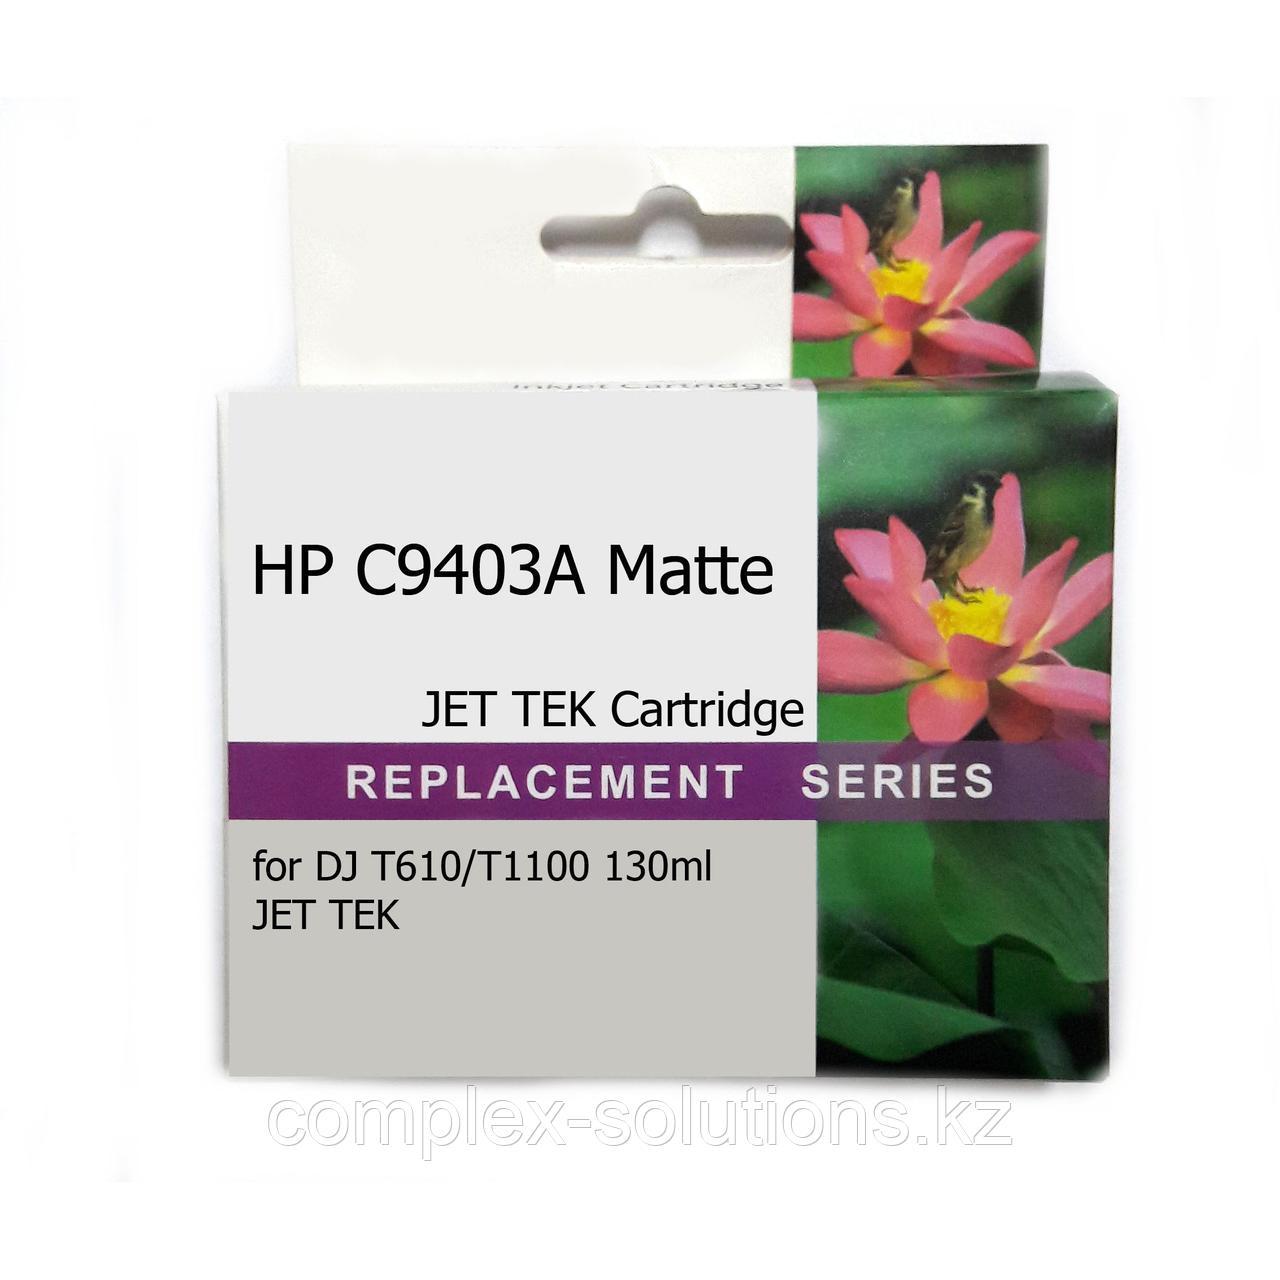 Картридж HP C9403A Matte Black №72 JET TEK   [качественный дубликат]